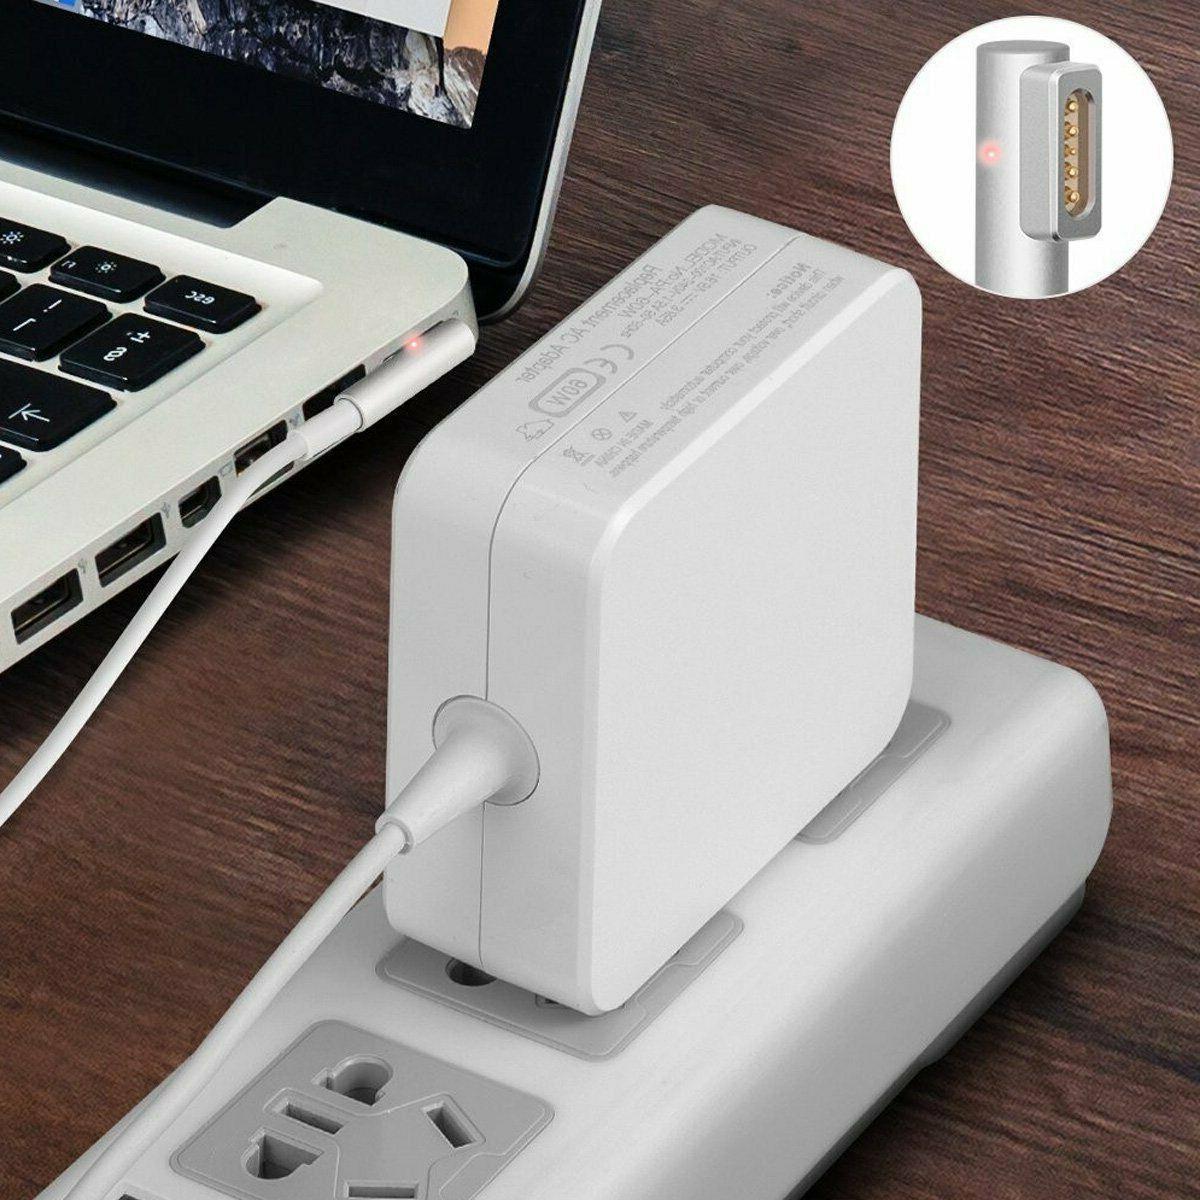 Macbook Pro L-Tip For